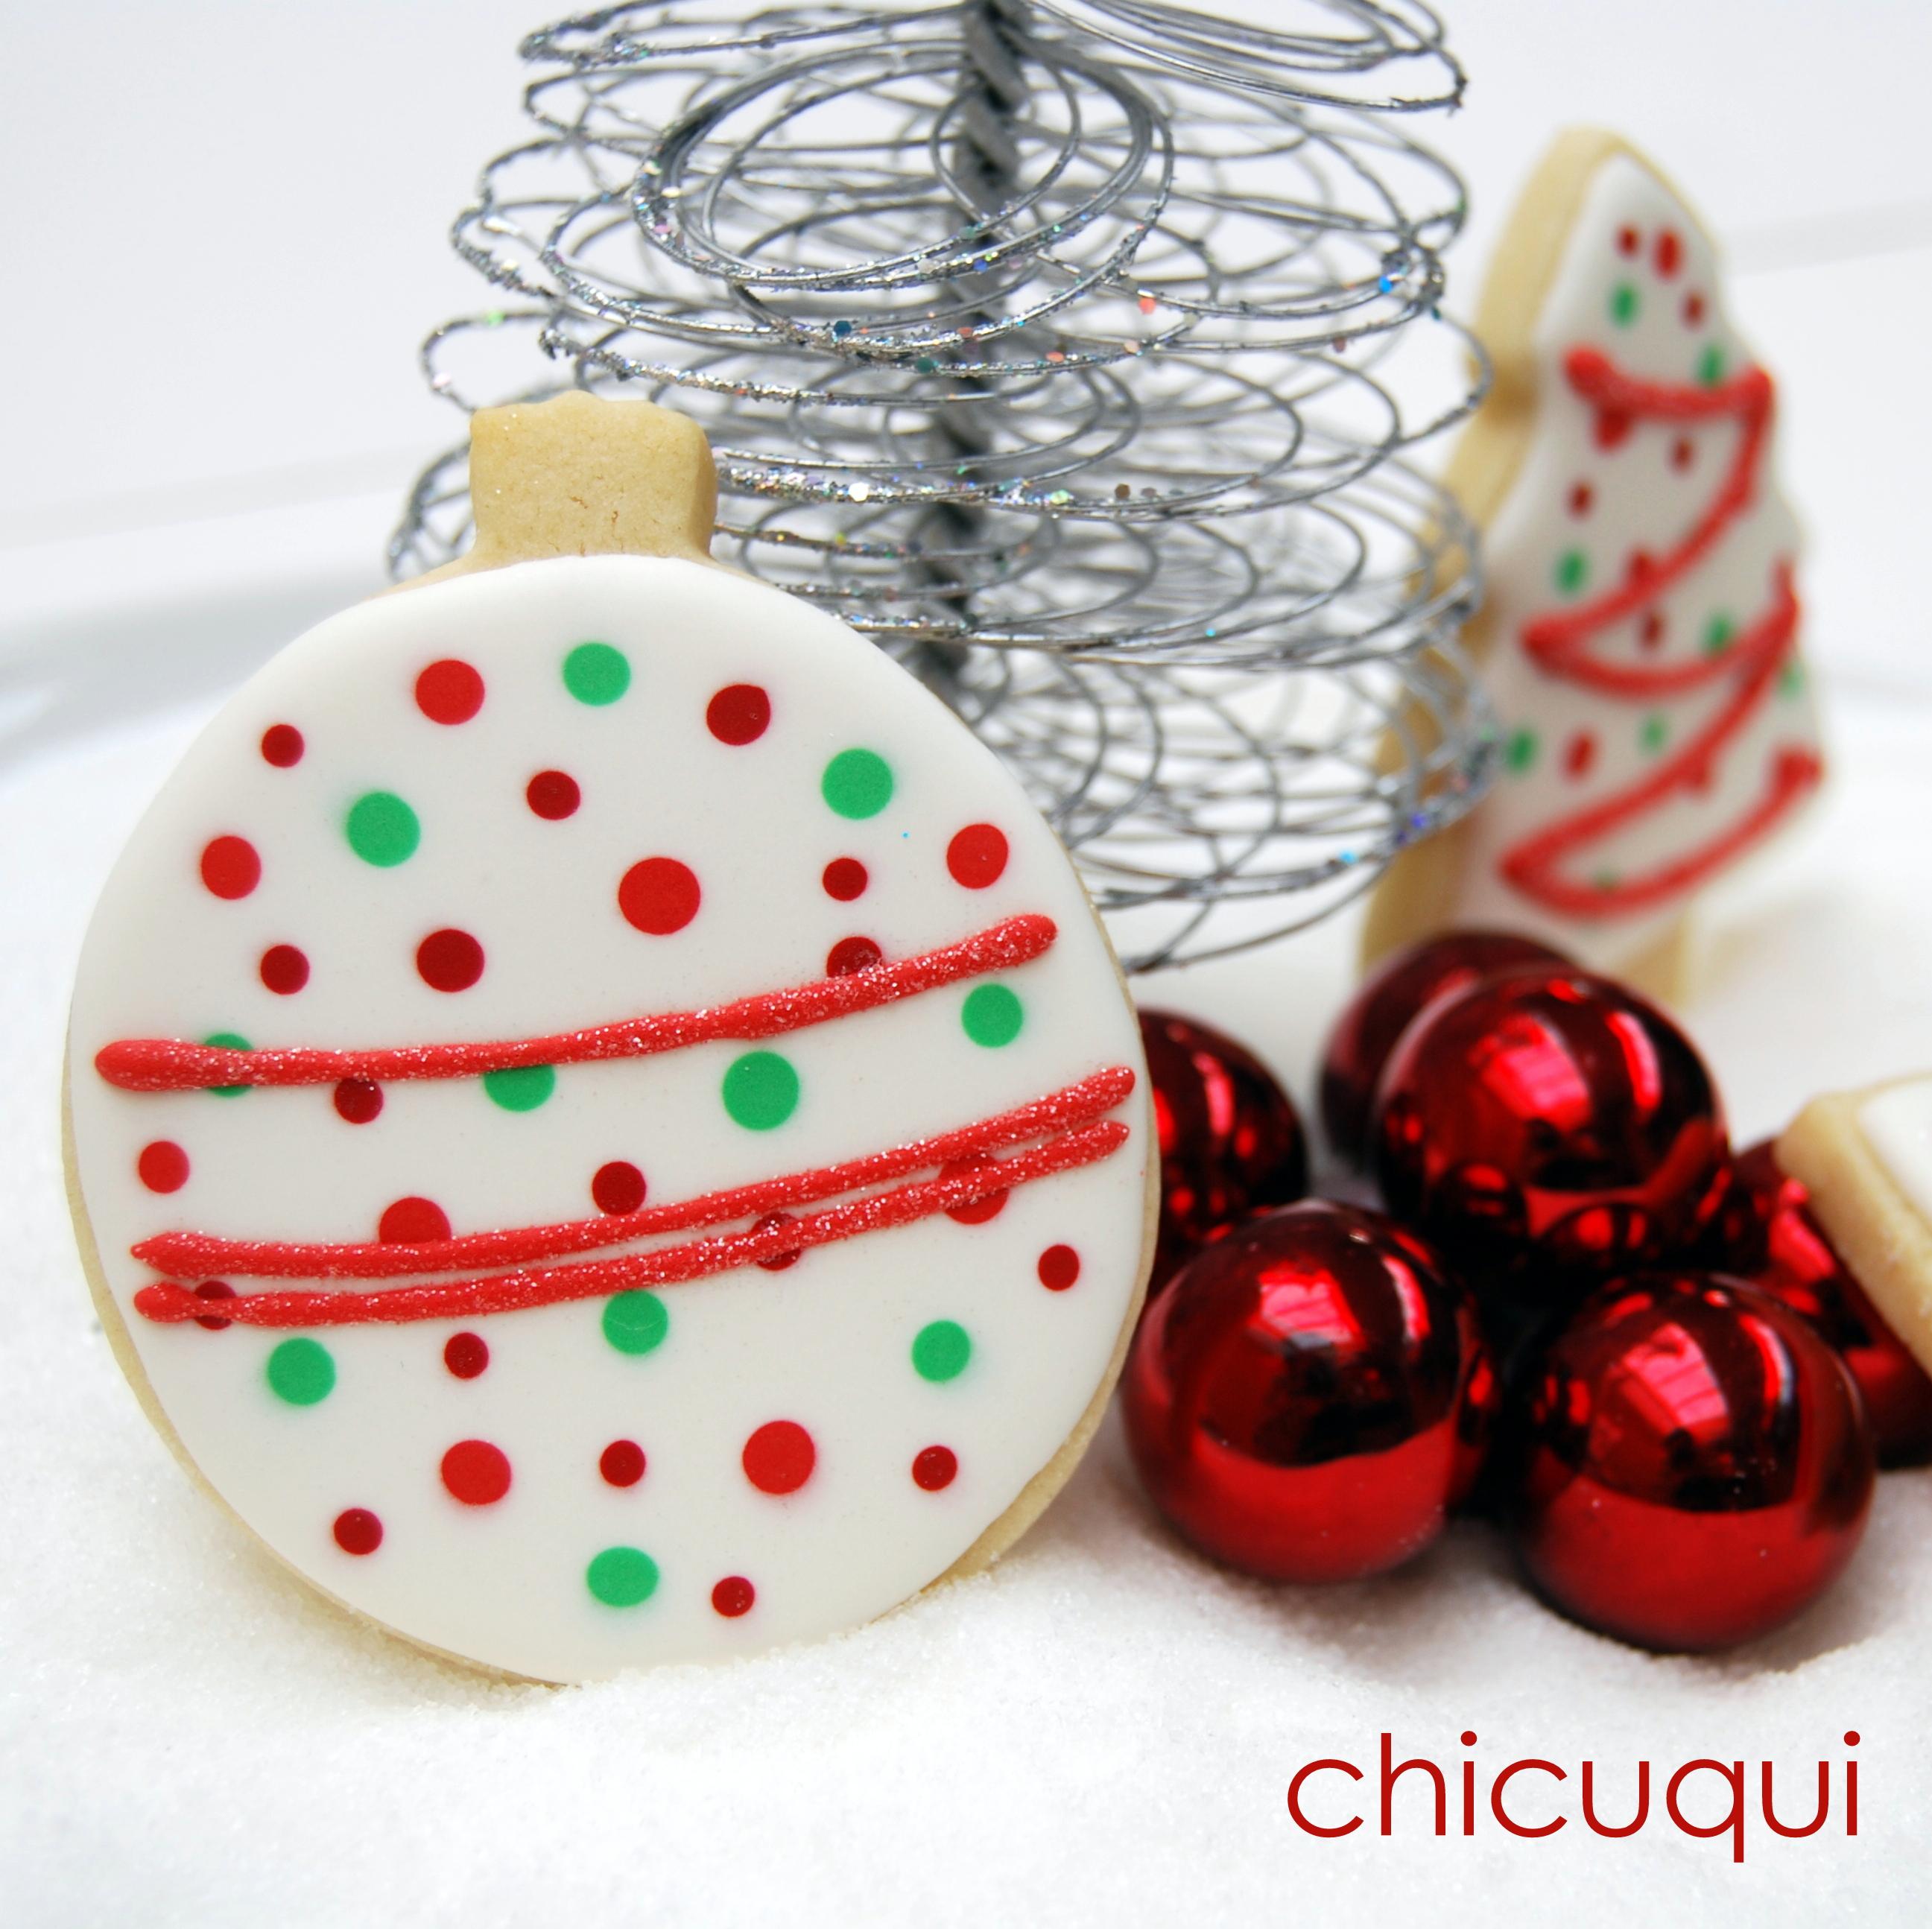 Imagenes De Galletas De Navidad Decoradas.Galletas Decoradas Navidenas Una Alternativa A Los